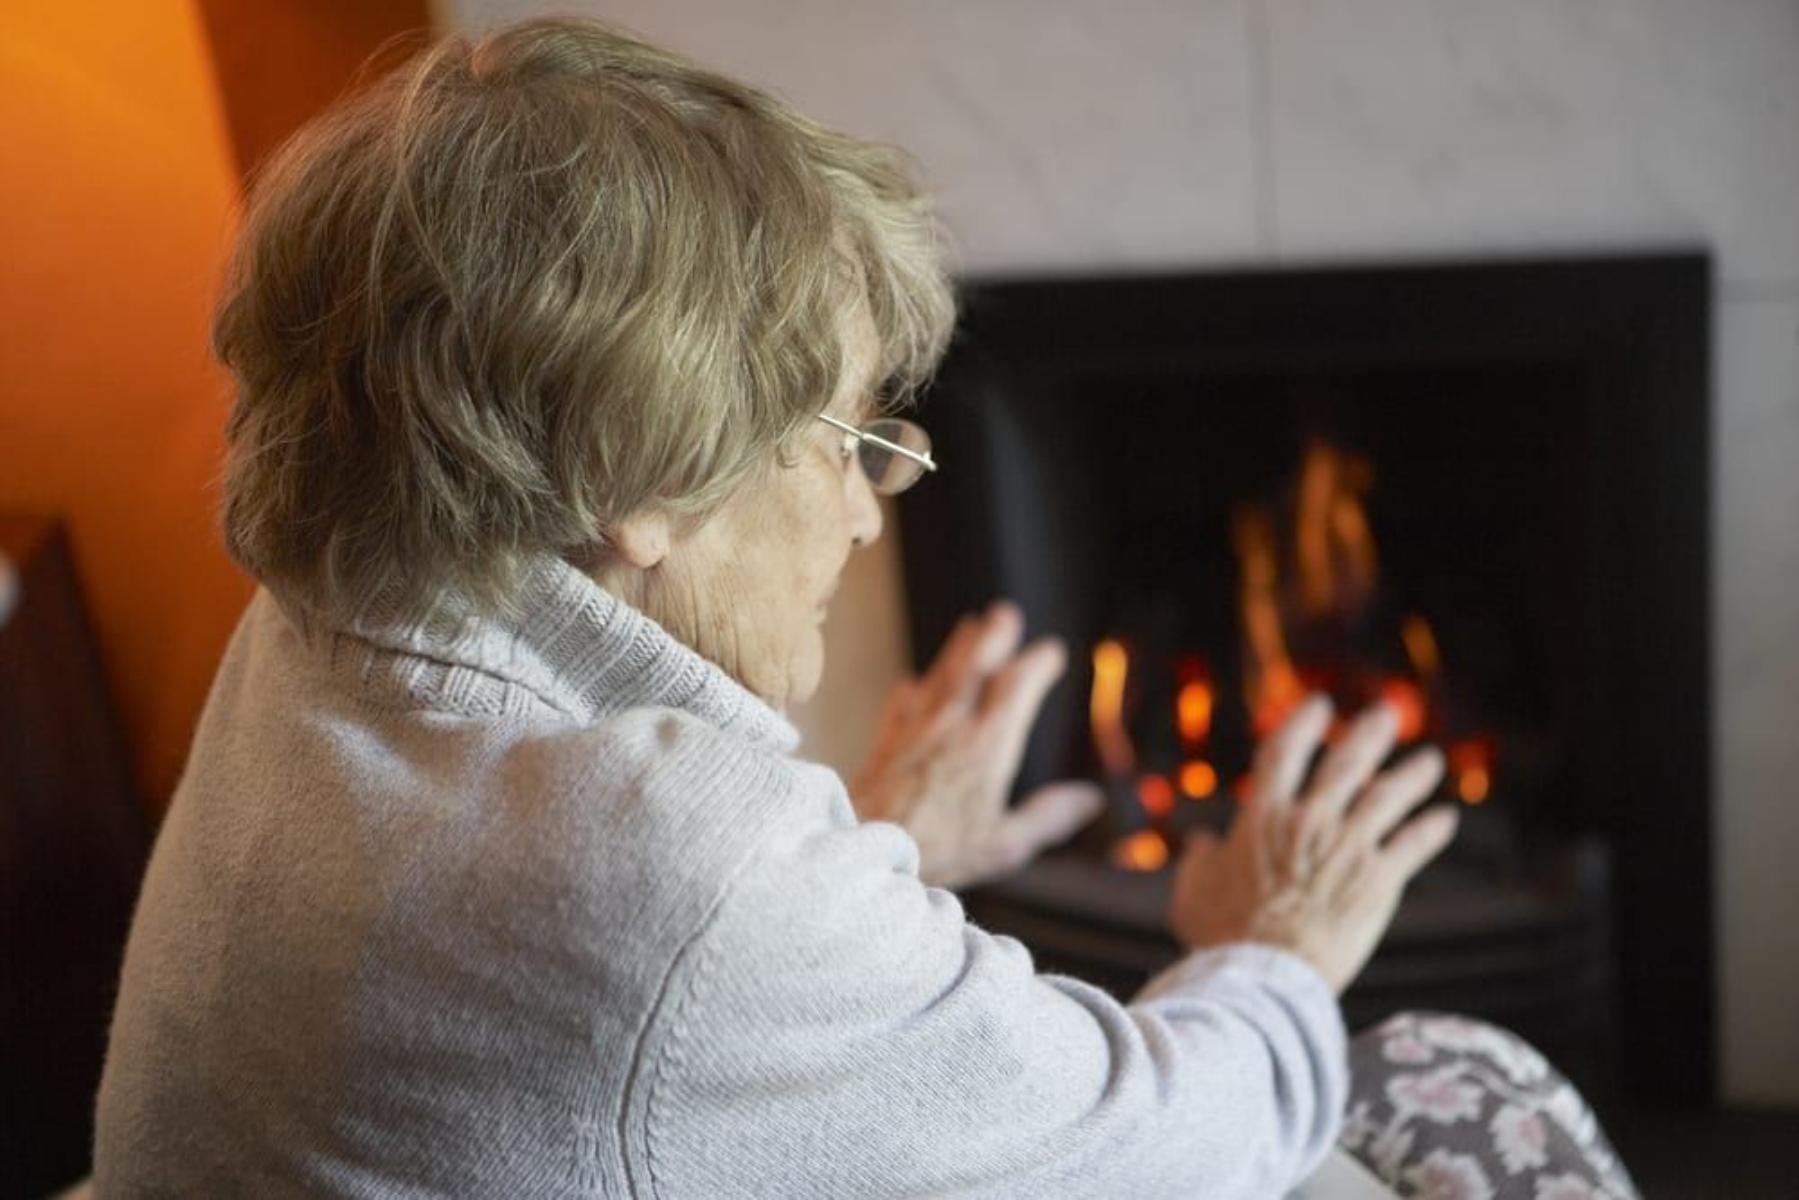 Επίδομα Θέρμανσης 2021: Αίτηση έως 11 Ιανουαρίου myΘέρμανση ΑΑΔΕ